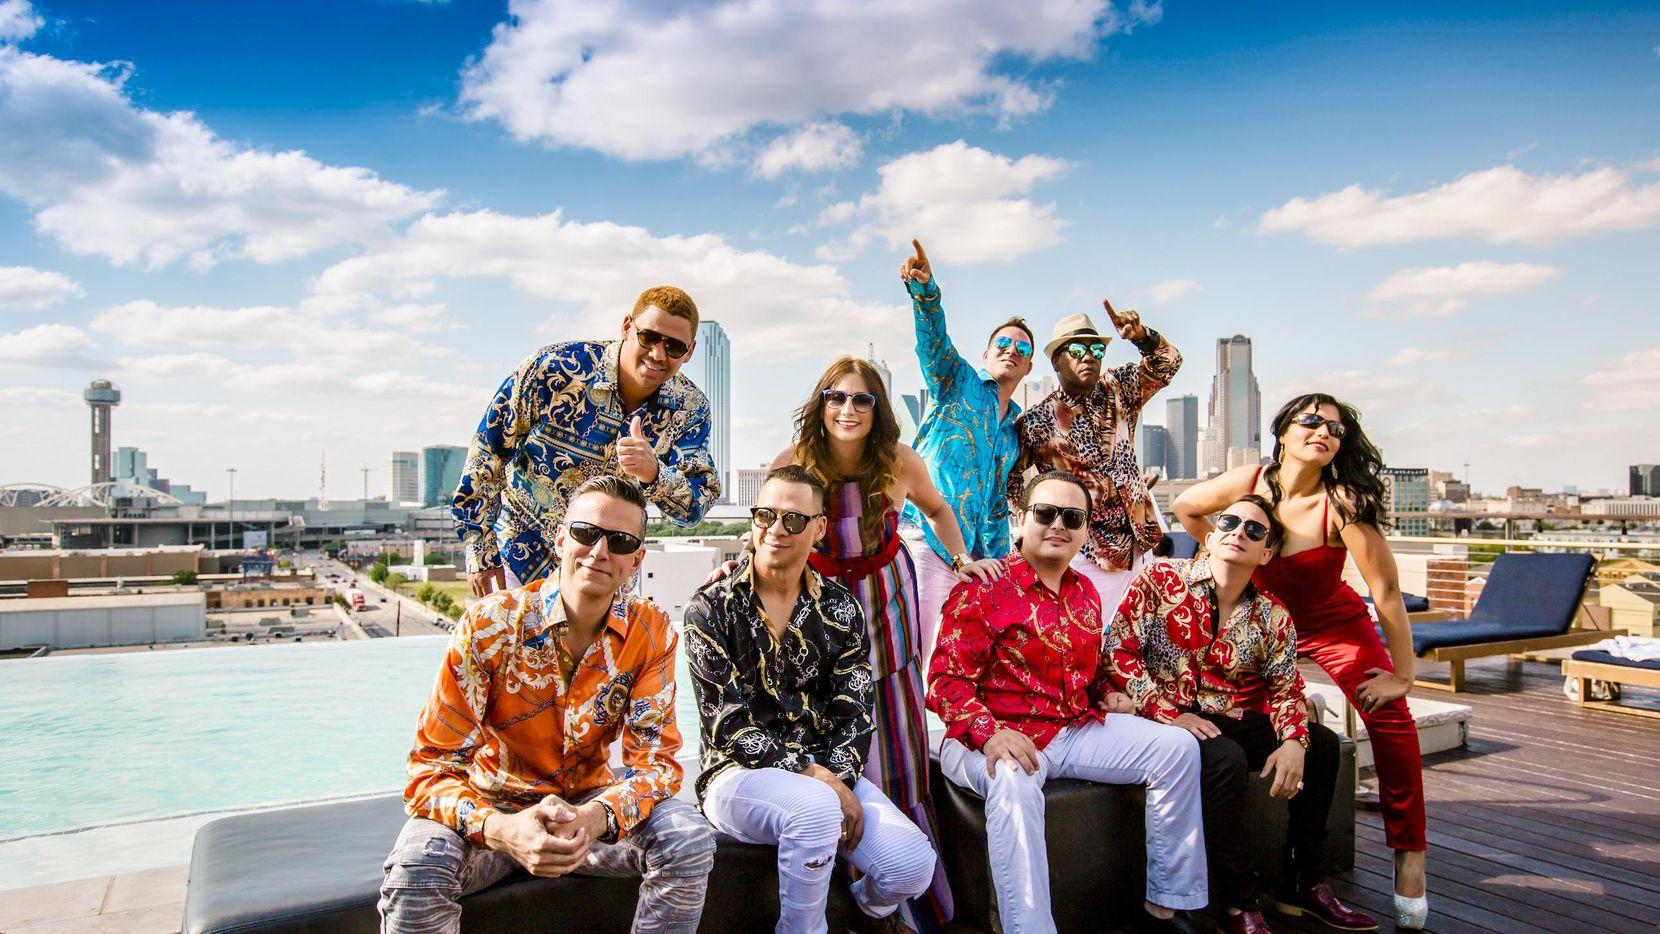 La banda Havana NRG, formada el 31 de julio de 2002 en Dallas, tiene miembros de Cuba, Puerto Rico, México y Estados Unidos.(CORTESÍA NRG)